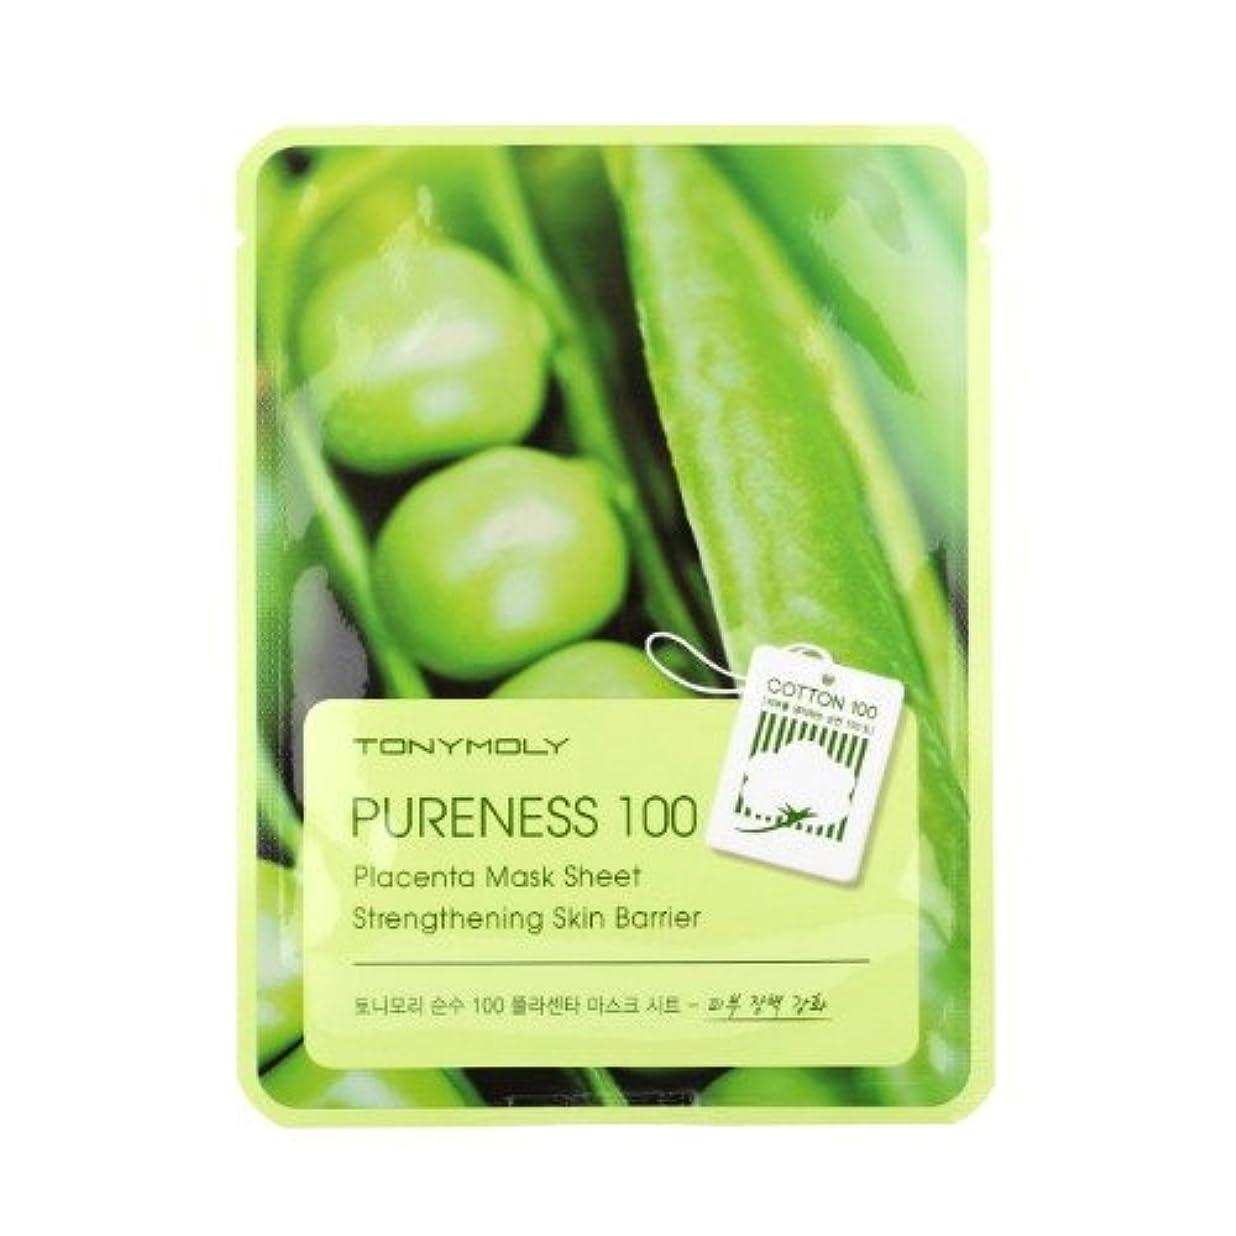 行き当たりばったり責める知り合いになる(6 Pack) TONYMOLY Pureness 100 Placenta Mask Sheet Strengthening Skin Barrier (並行輸入品)